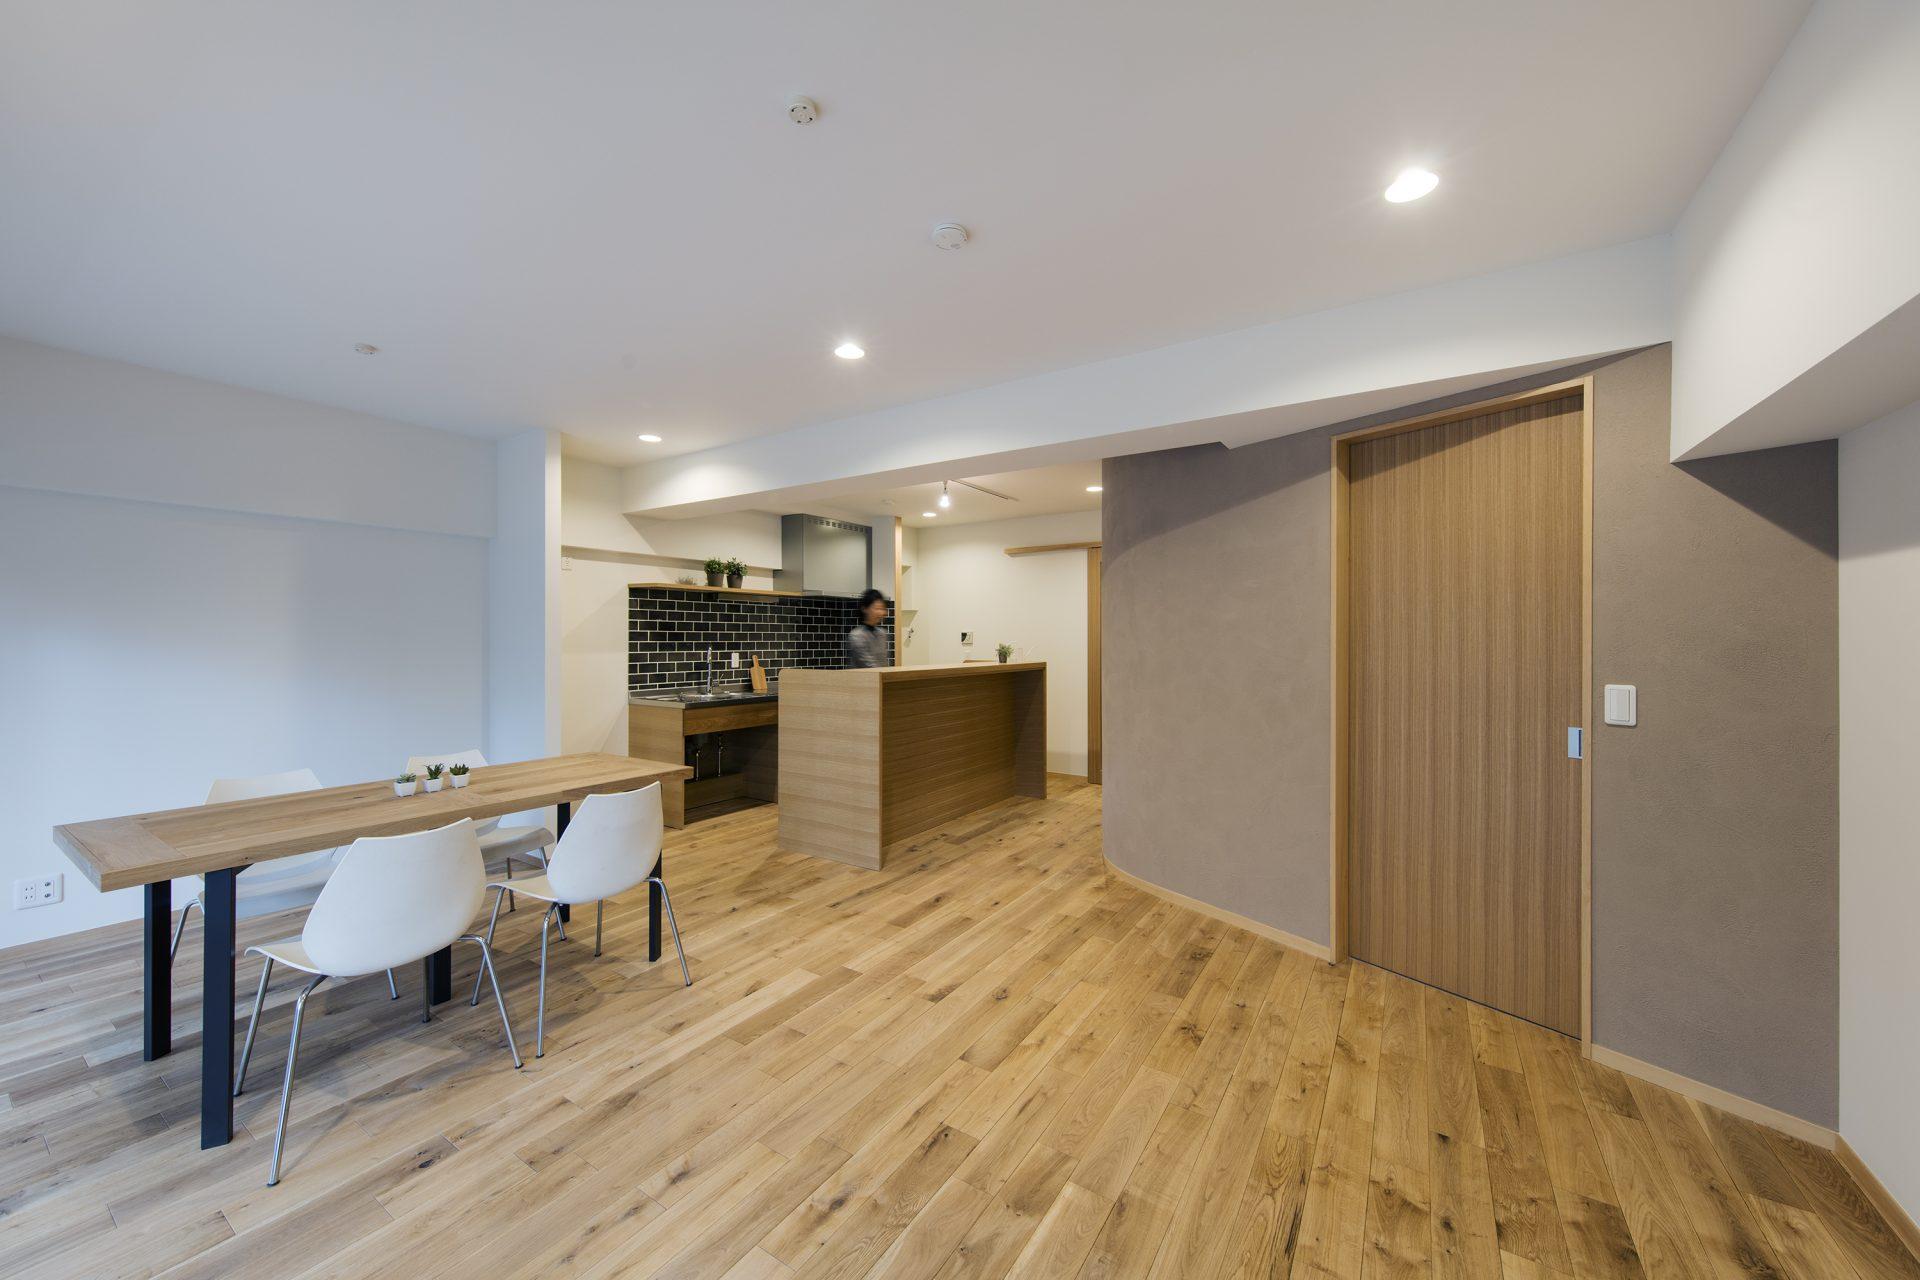 リビングダイニングキッチン。寝室を囲う斜めカーブがある壁。柔らかさと広がりを感じさせます。